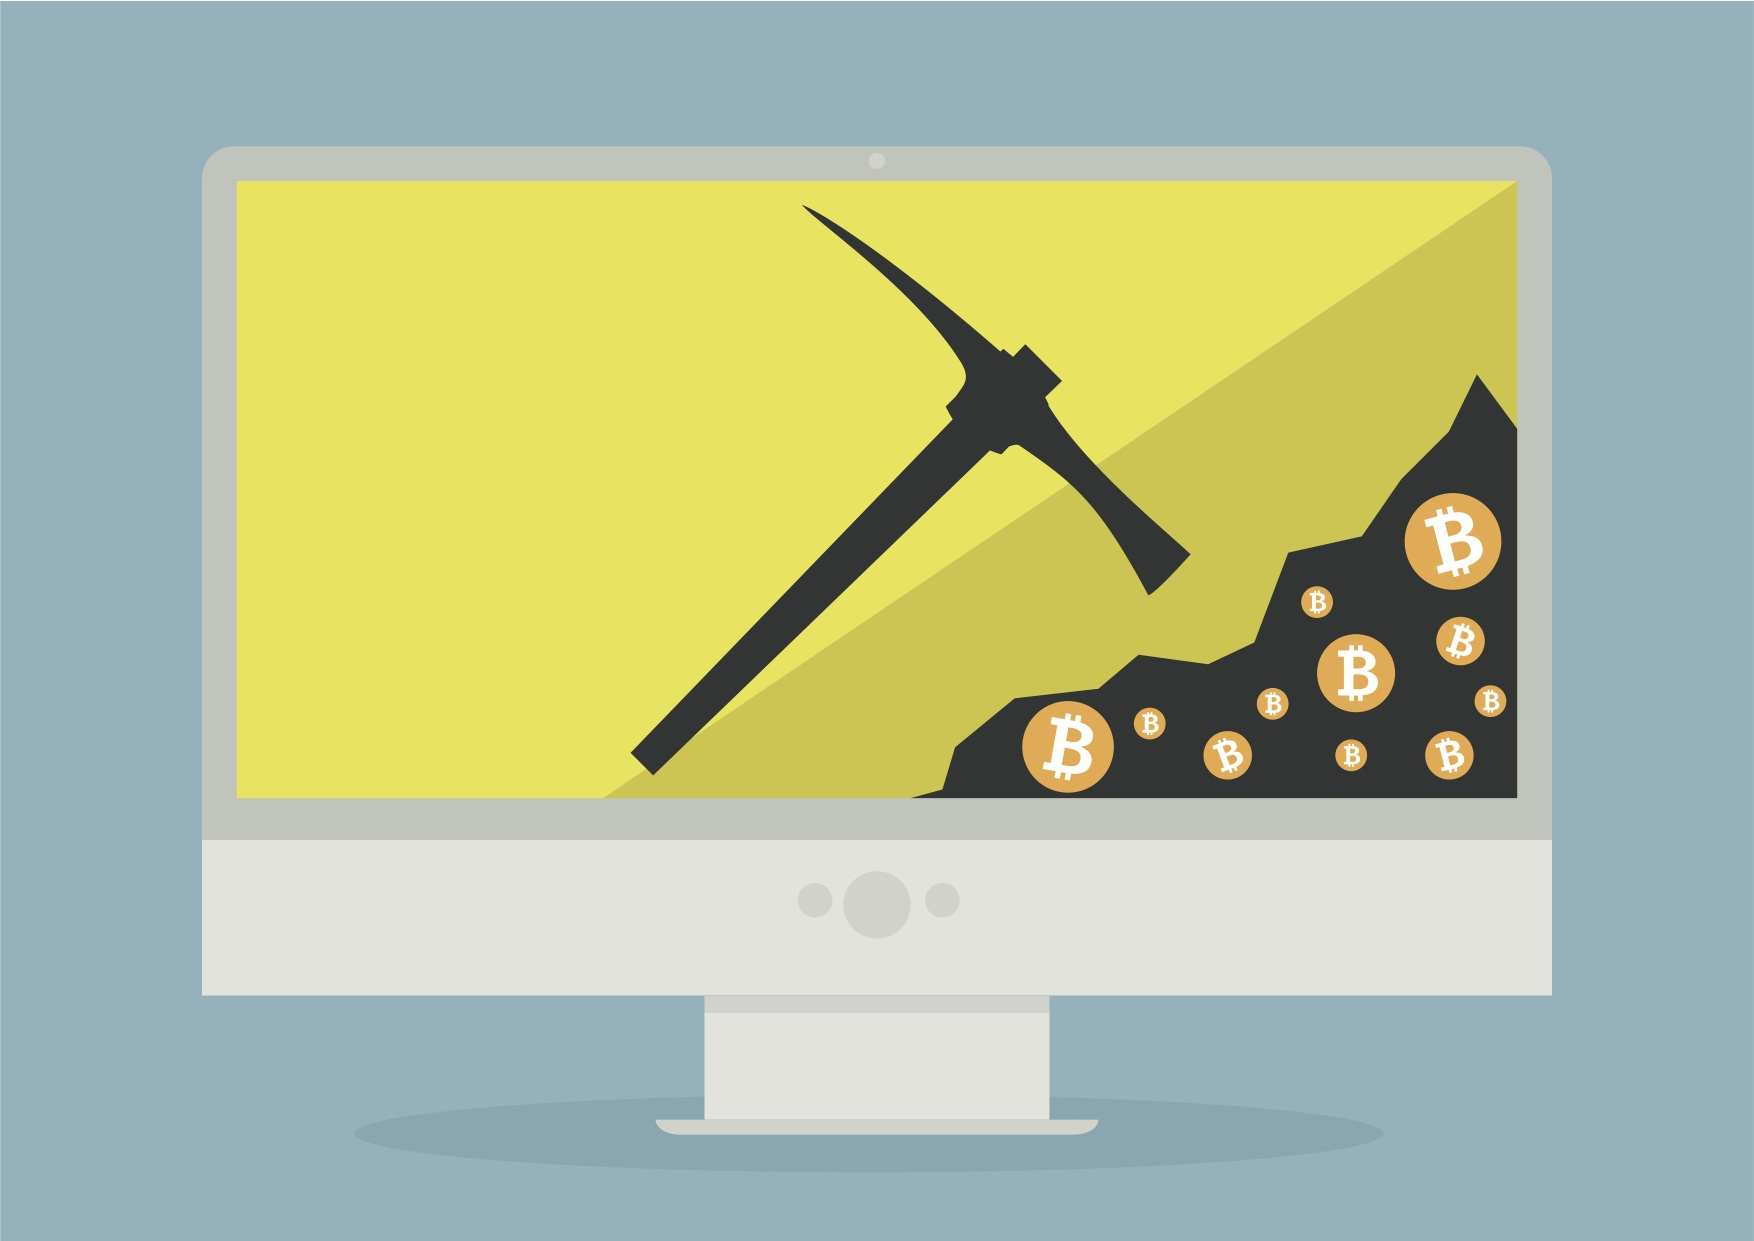 Что такое майнинг криптовалют?